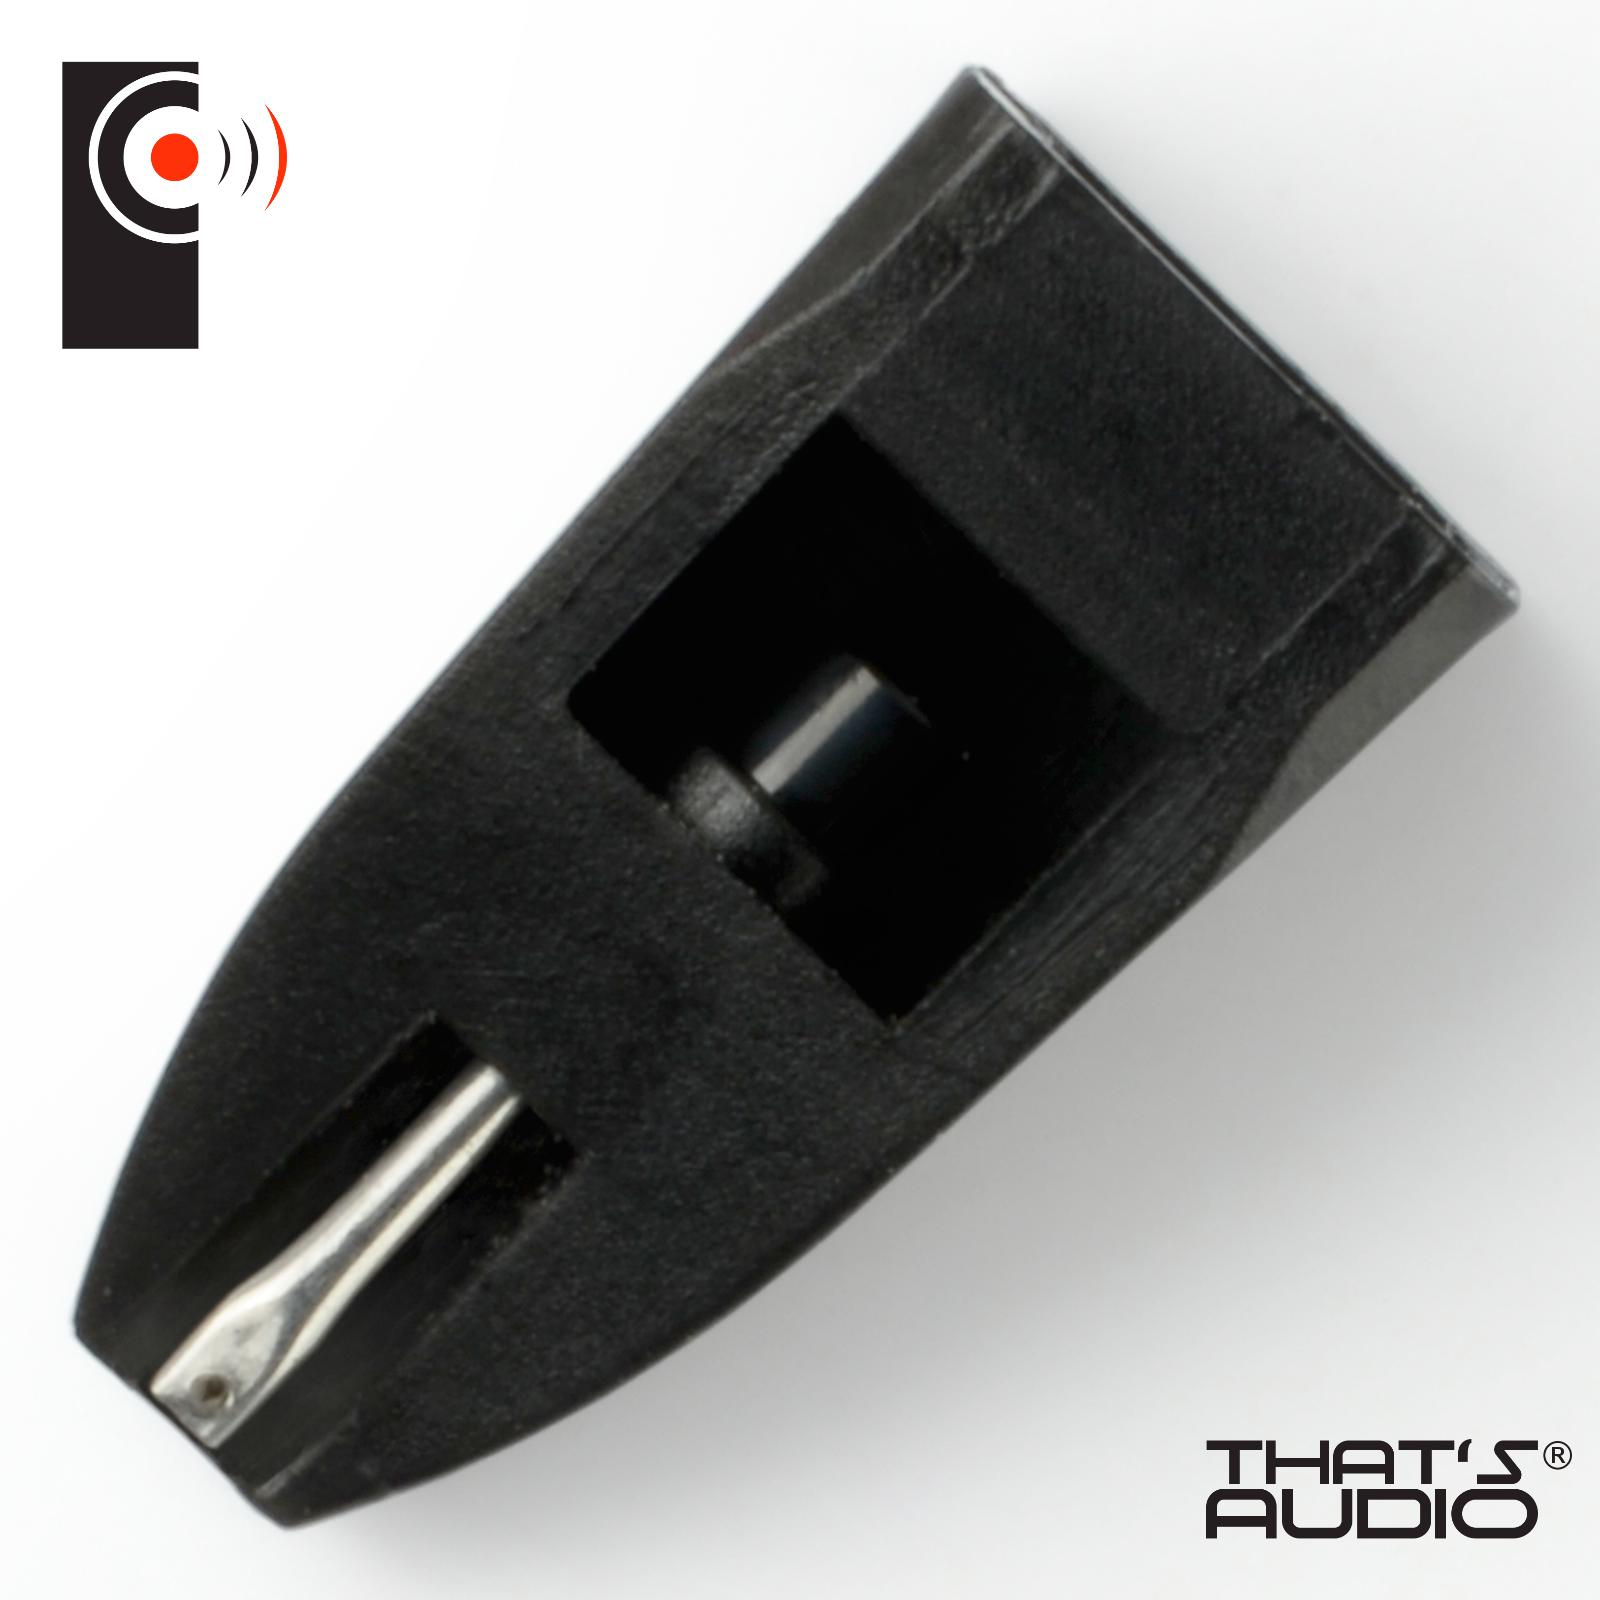 GENUINE Ortofon OMB 5 OM5 OM5E OM10 OM20 Turntable Cartridge /& Stylus